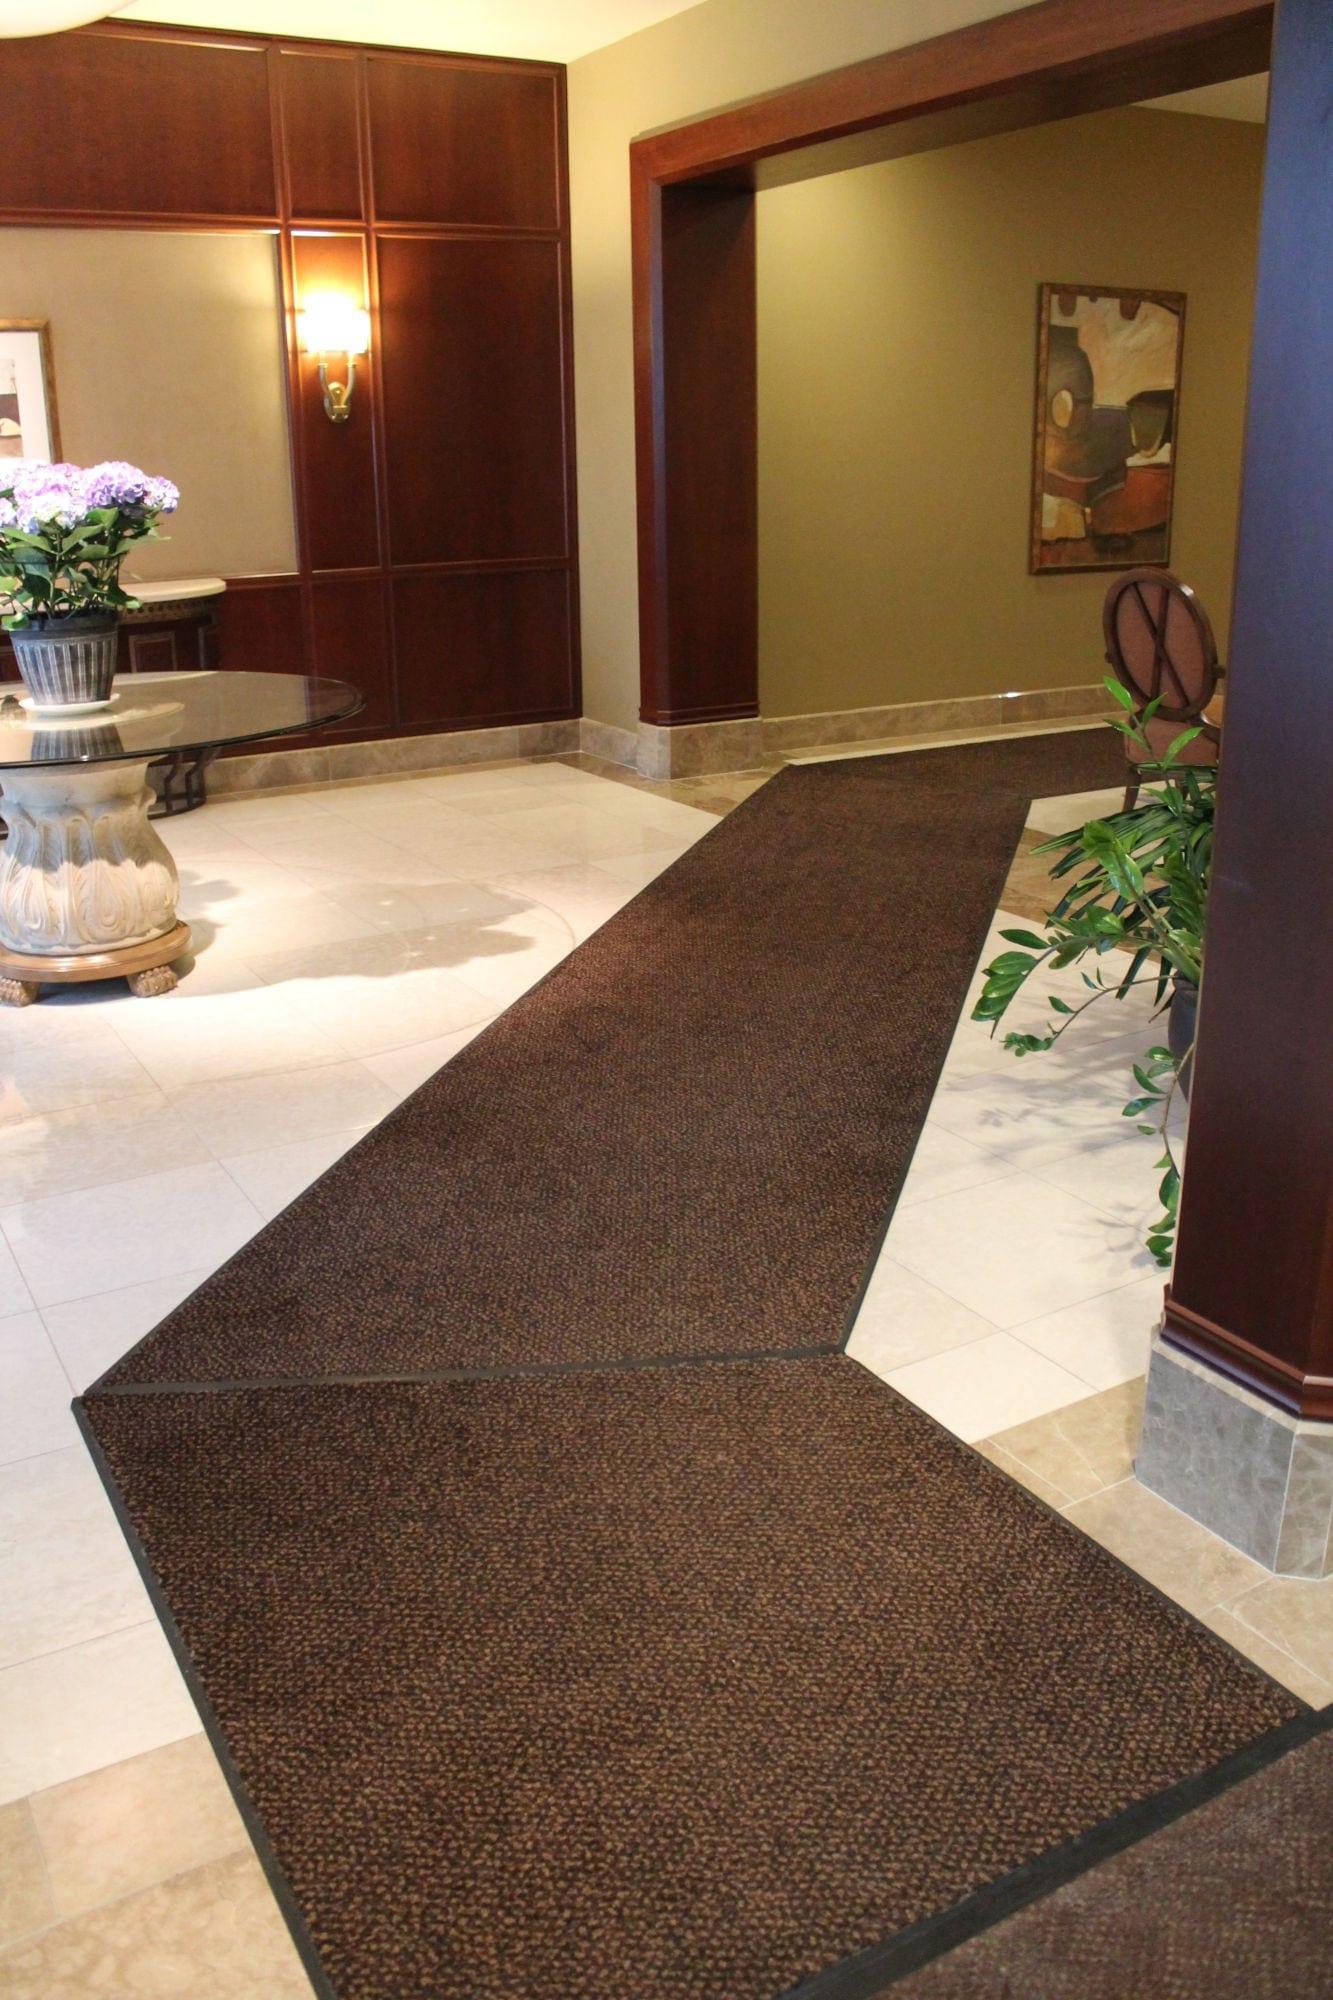 Interior view of entrance matting at Rivergate Way